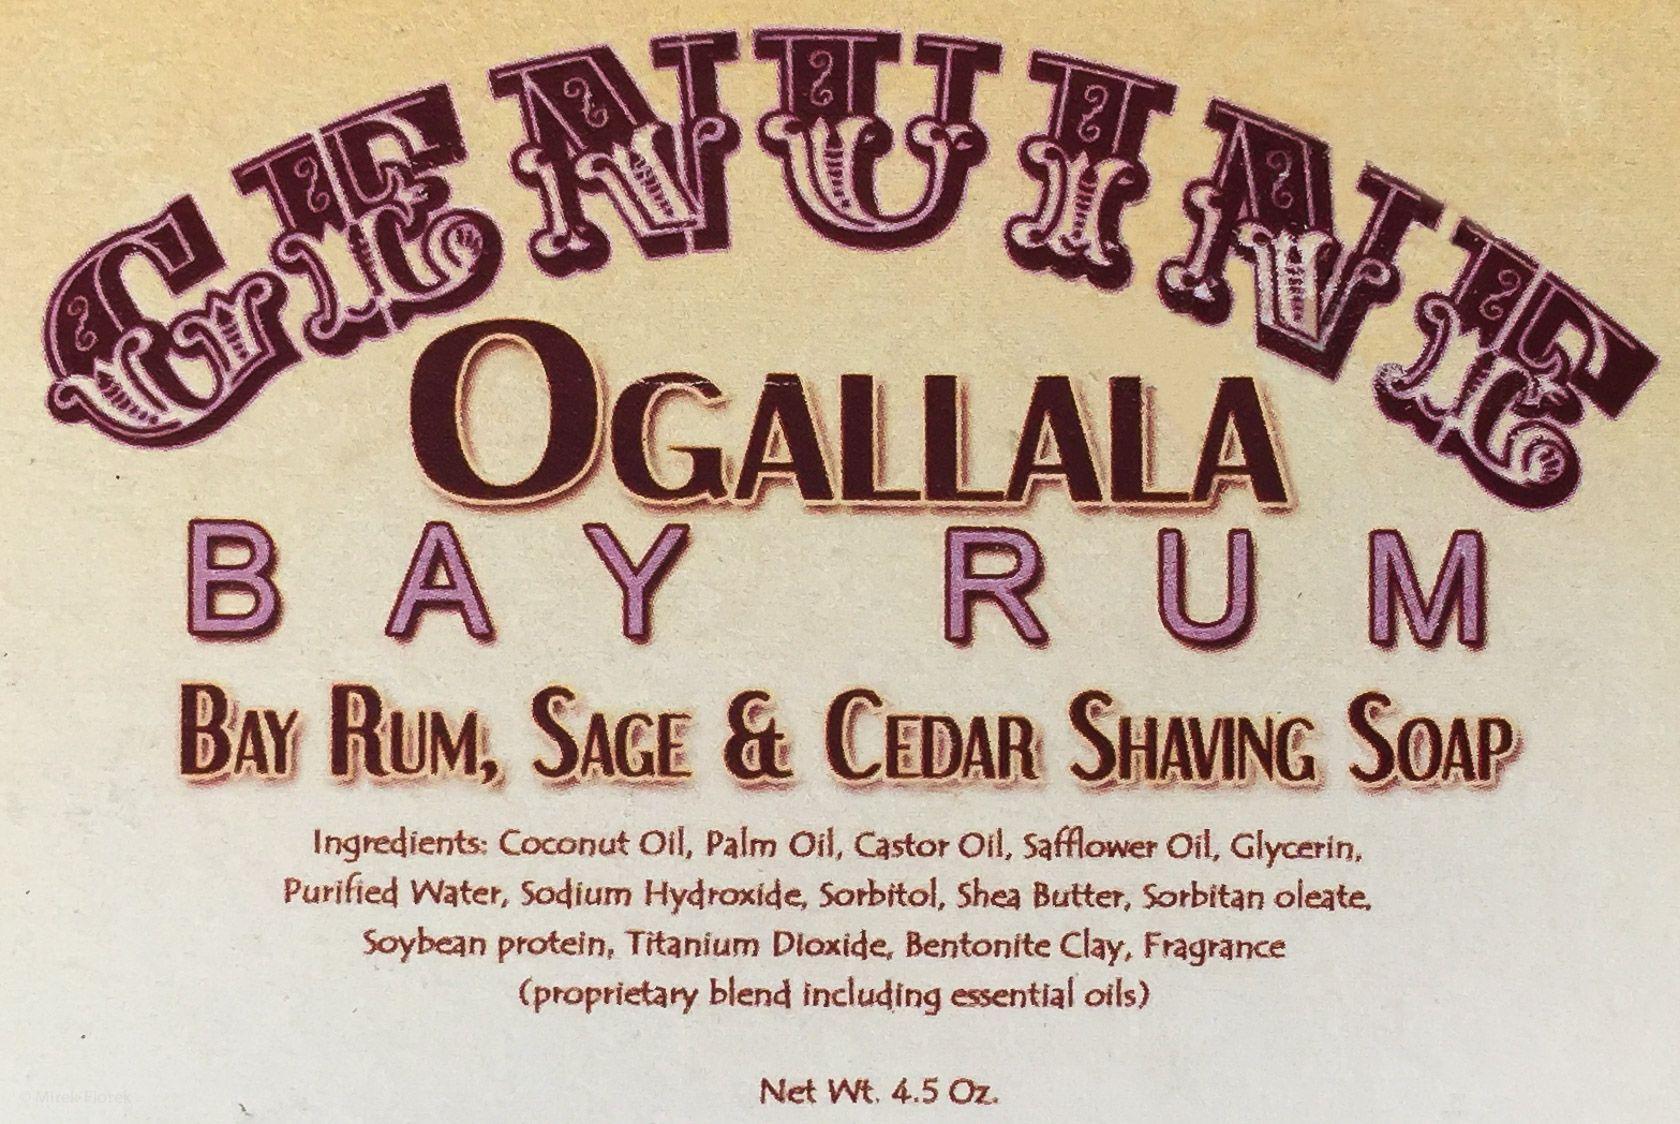 Skład (ingredients) mydła do golenia Ogallala Bay Rum, Sage and Cedar Wood Shaving Soap